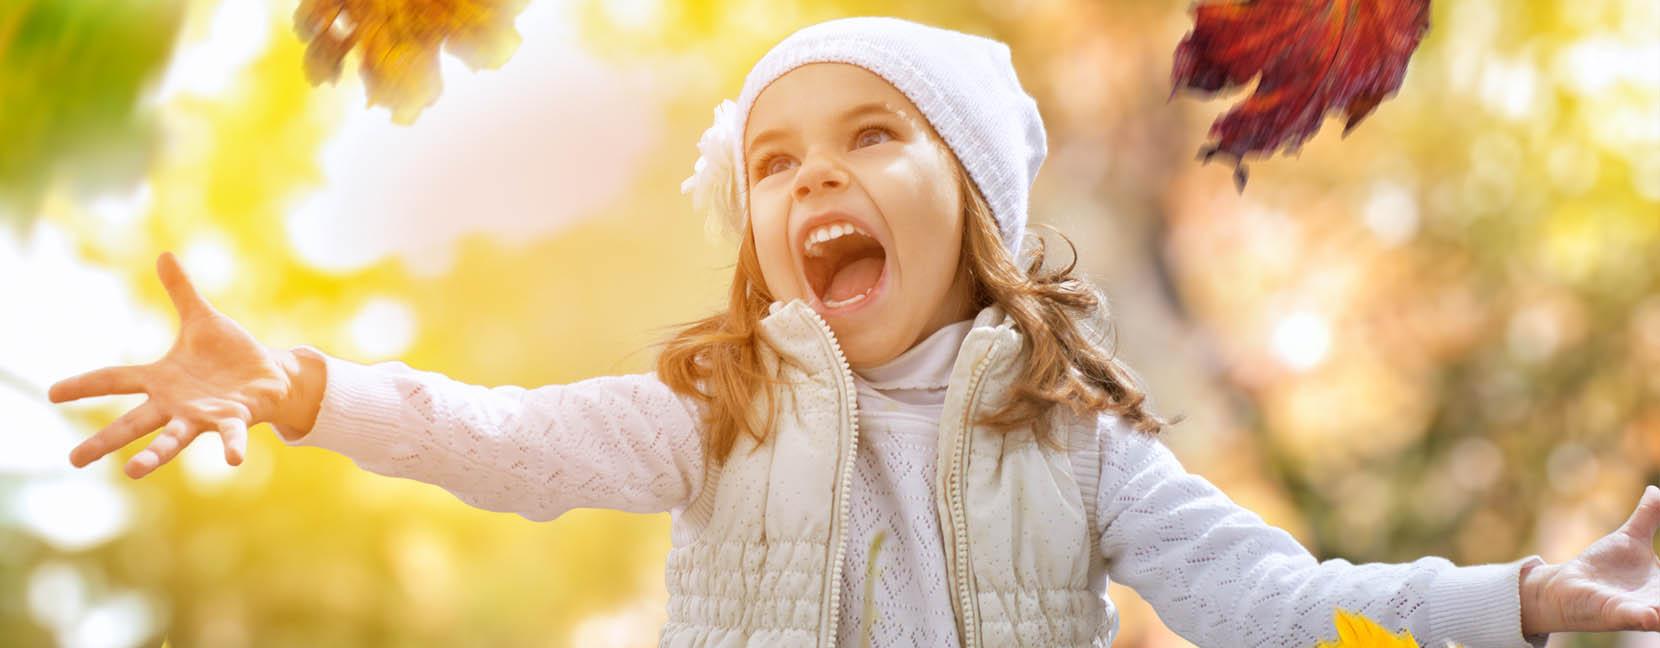 Bambina che lancia urlando delle foglie contenta